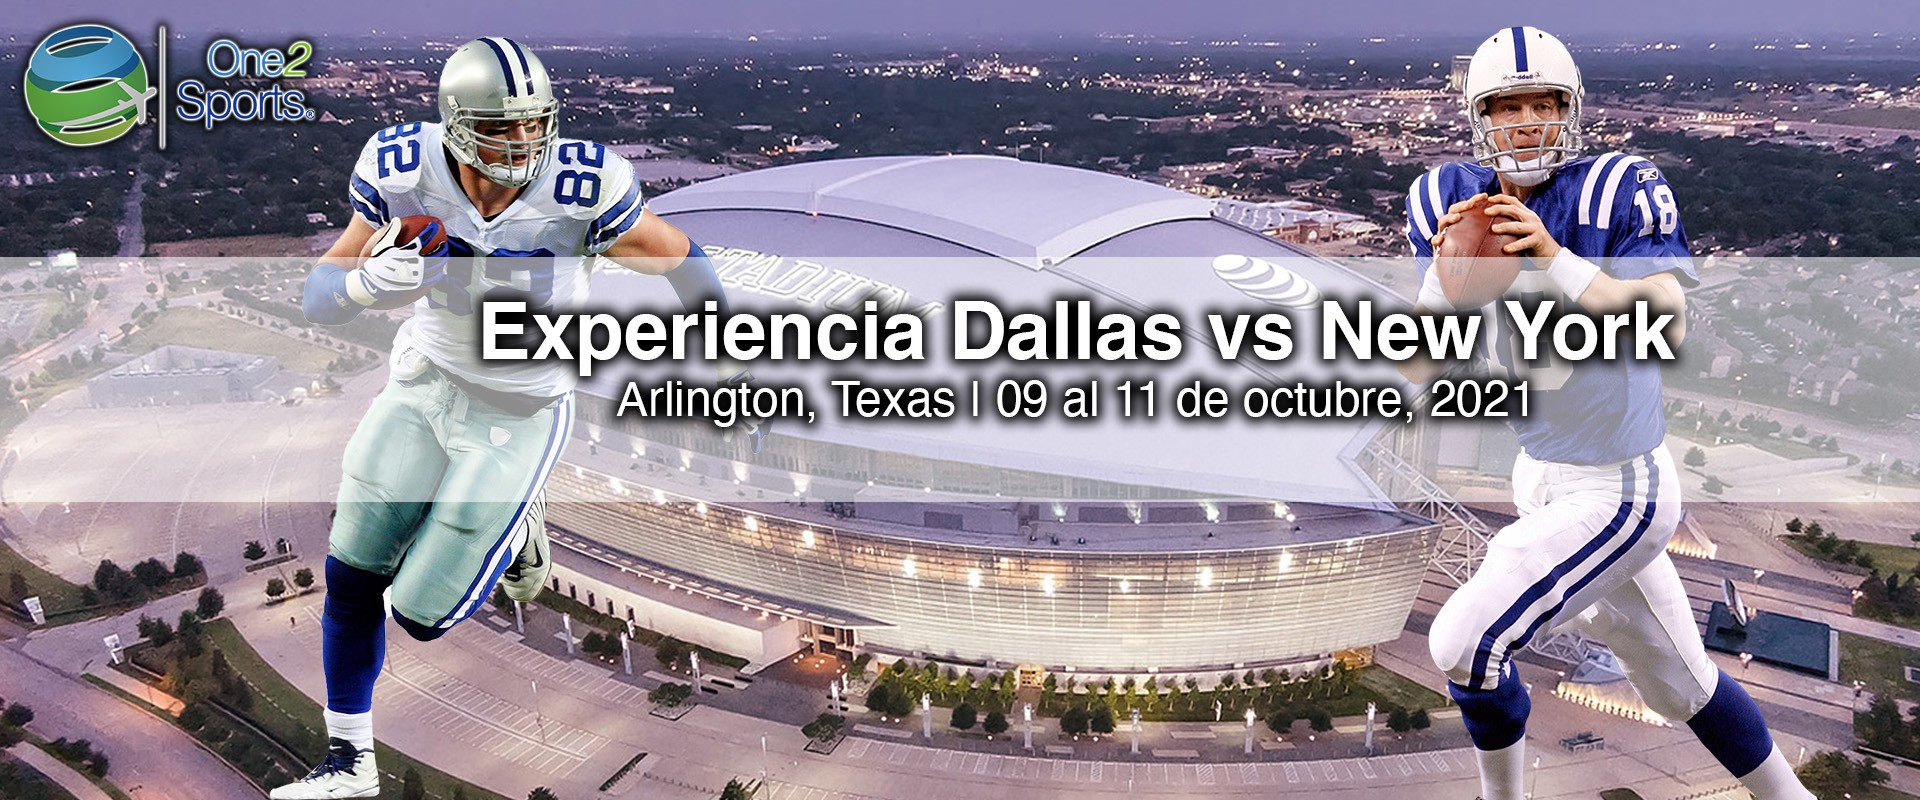 Dallas vs New York